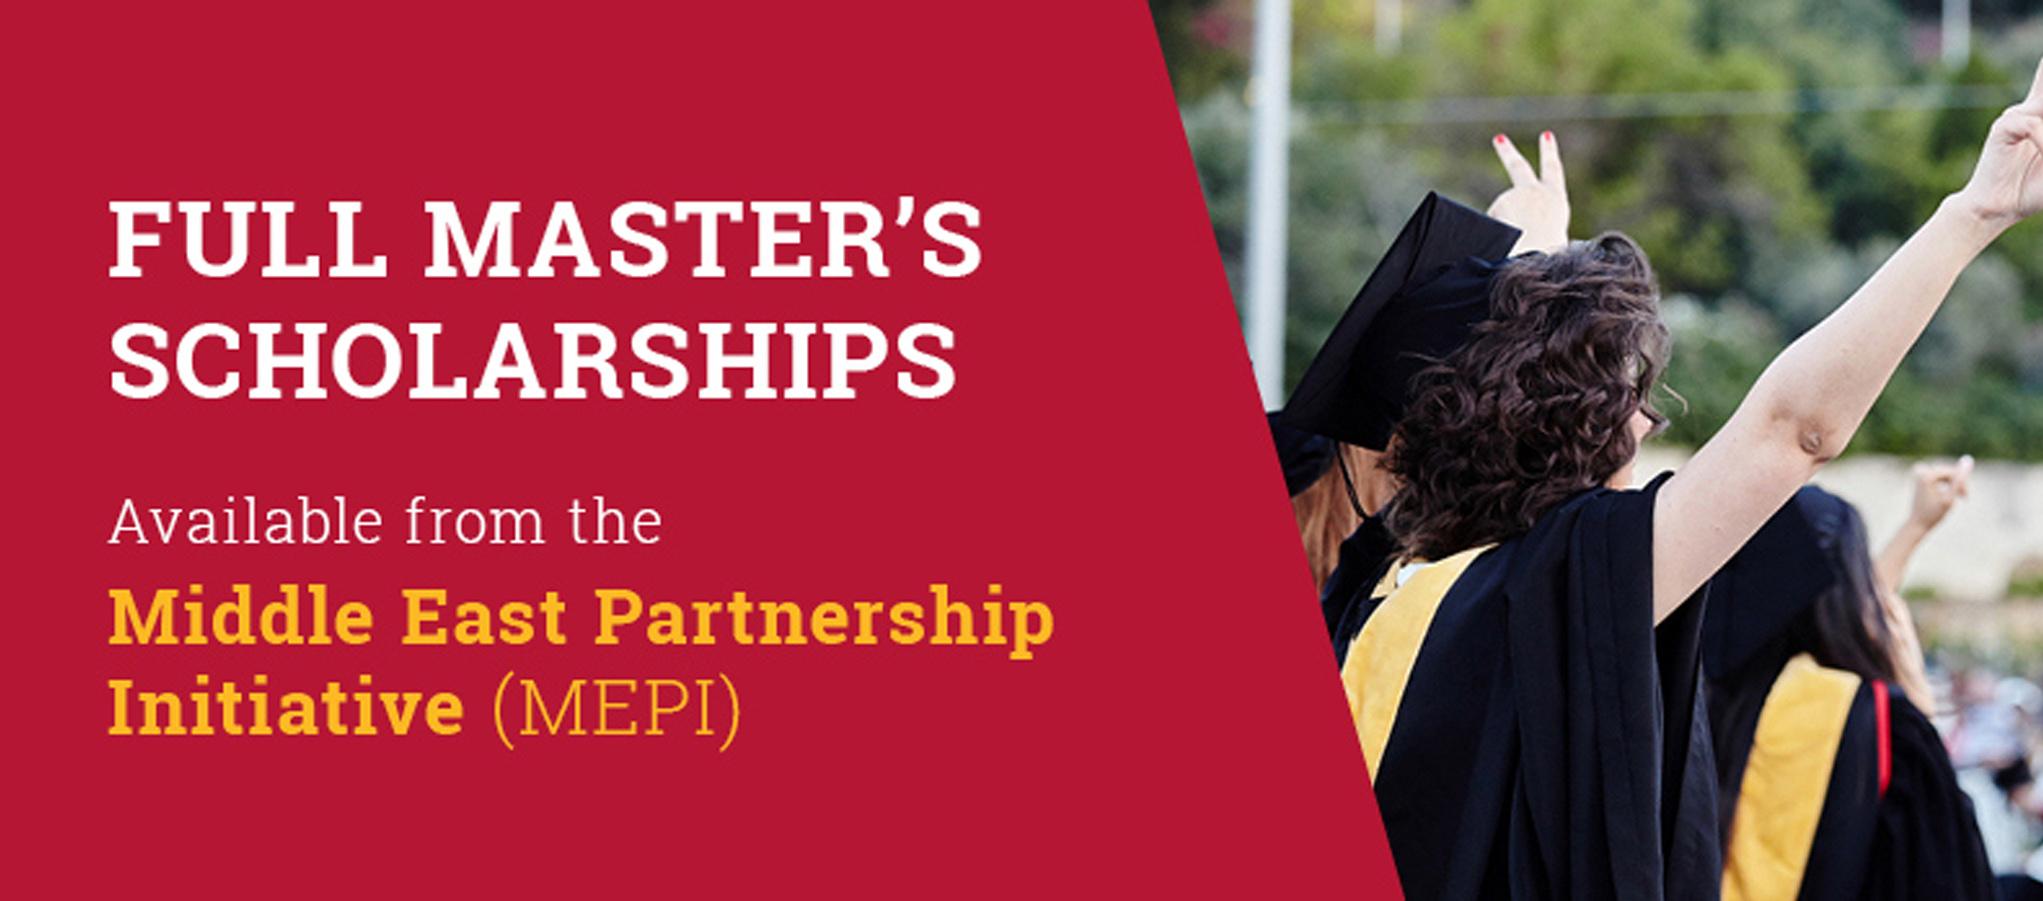 برنامج قادة المستقبل لنيل شهادة الماجستير